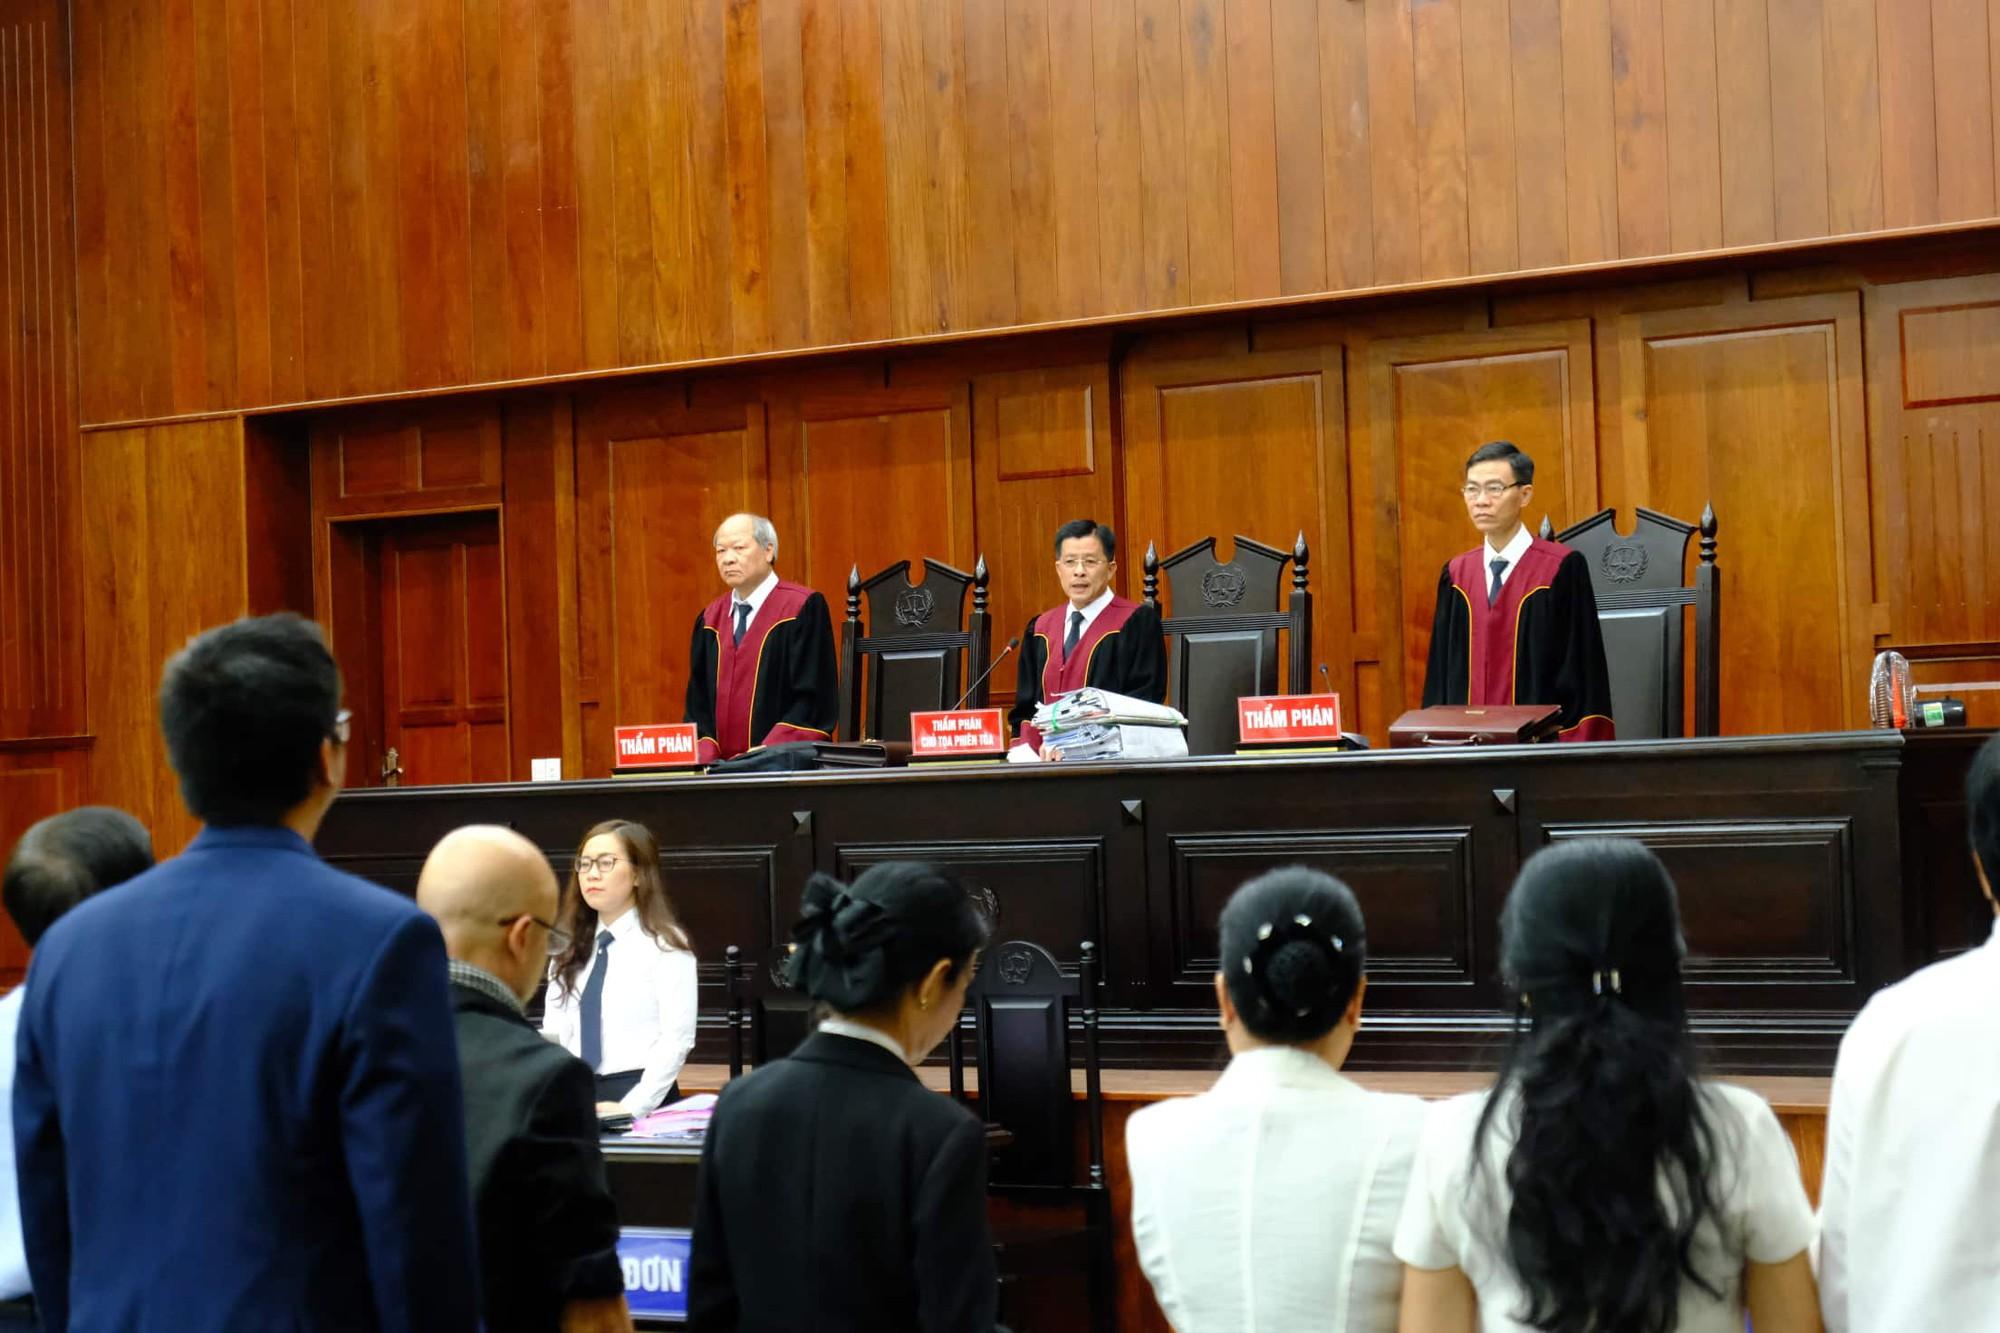 NÓNG: Bà Thảo vắng mặt trong phiên tòa ly hôn nghìn tỷ, ông Vũ cho biết không muốn nhắc đến chuyện gia đình-8